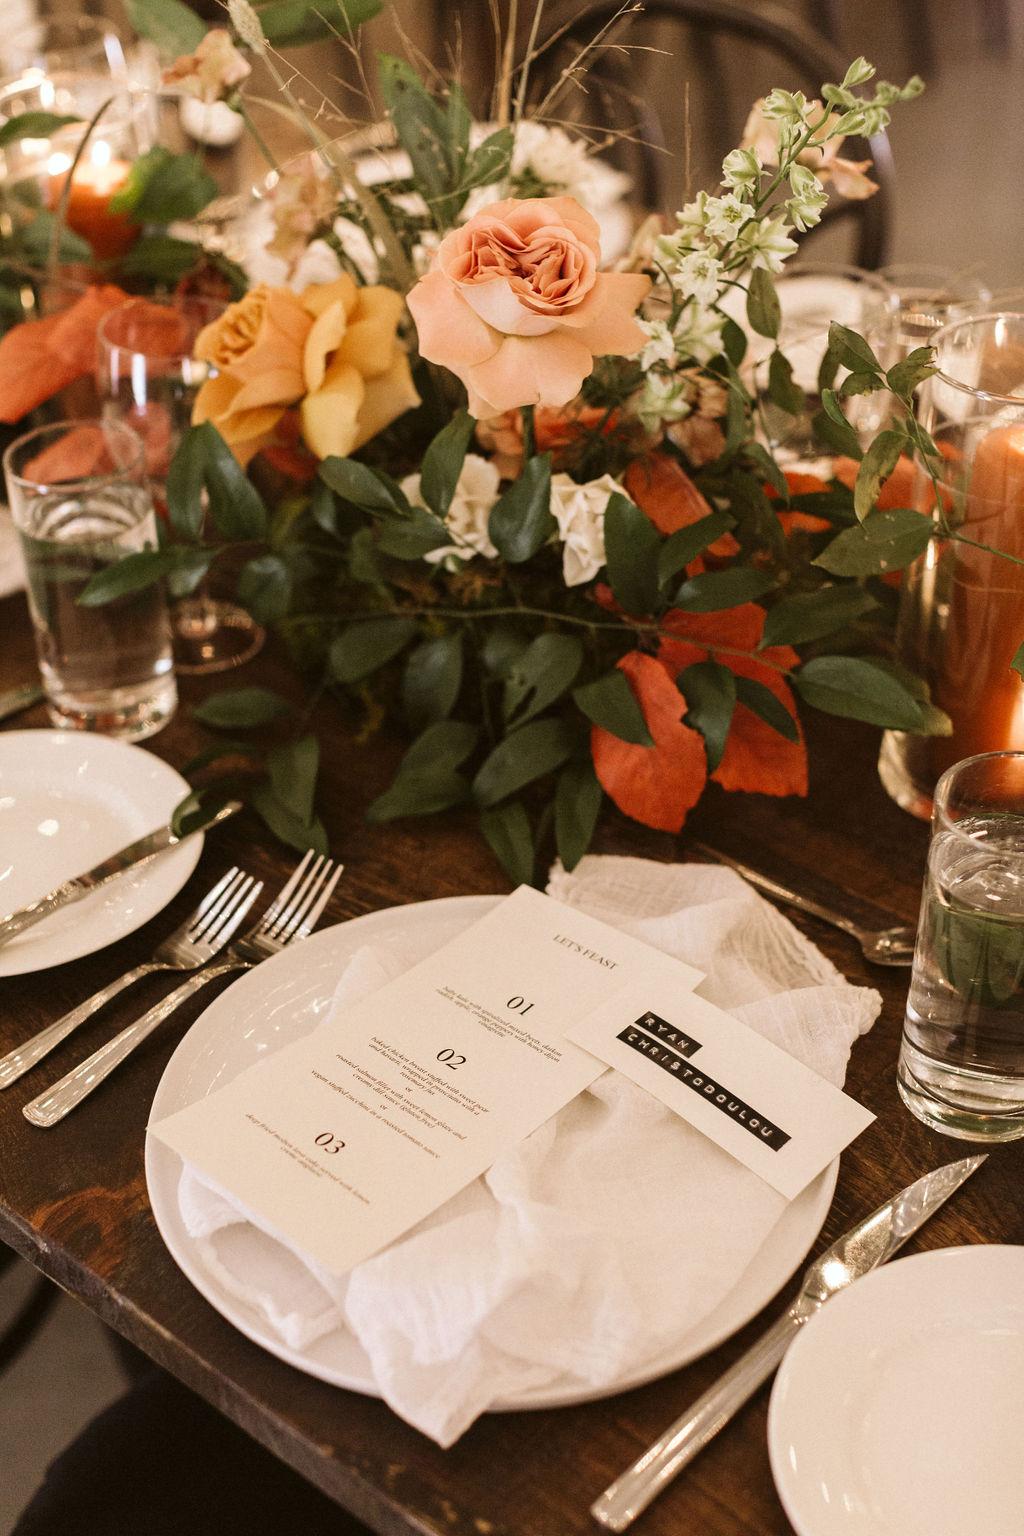 kristina+ryan_toronto+winter+wedding-657.jpg